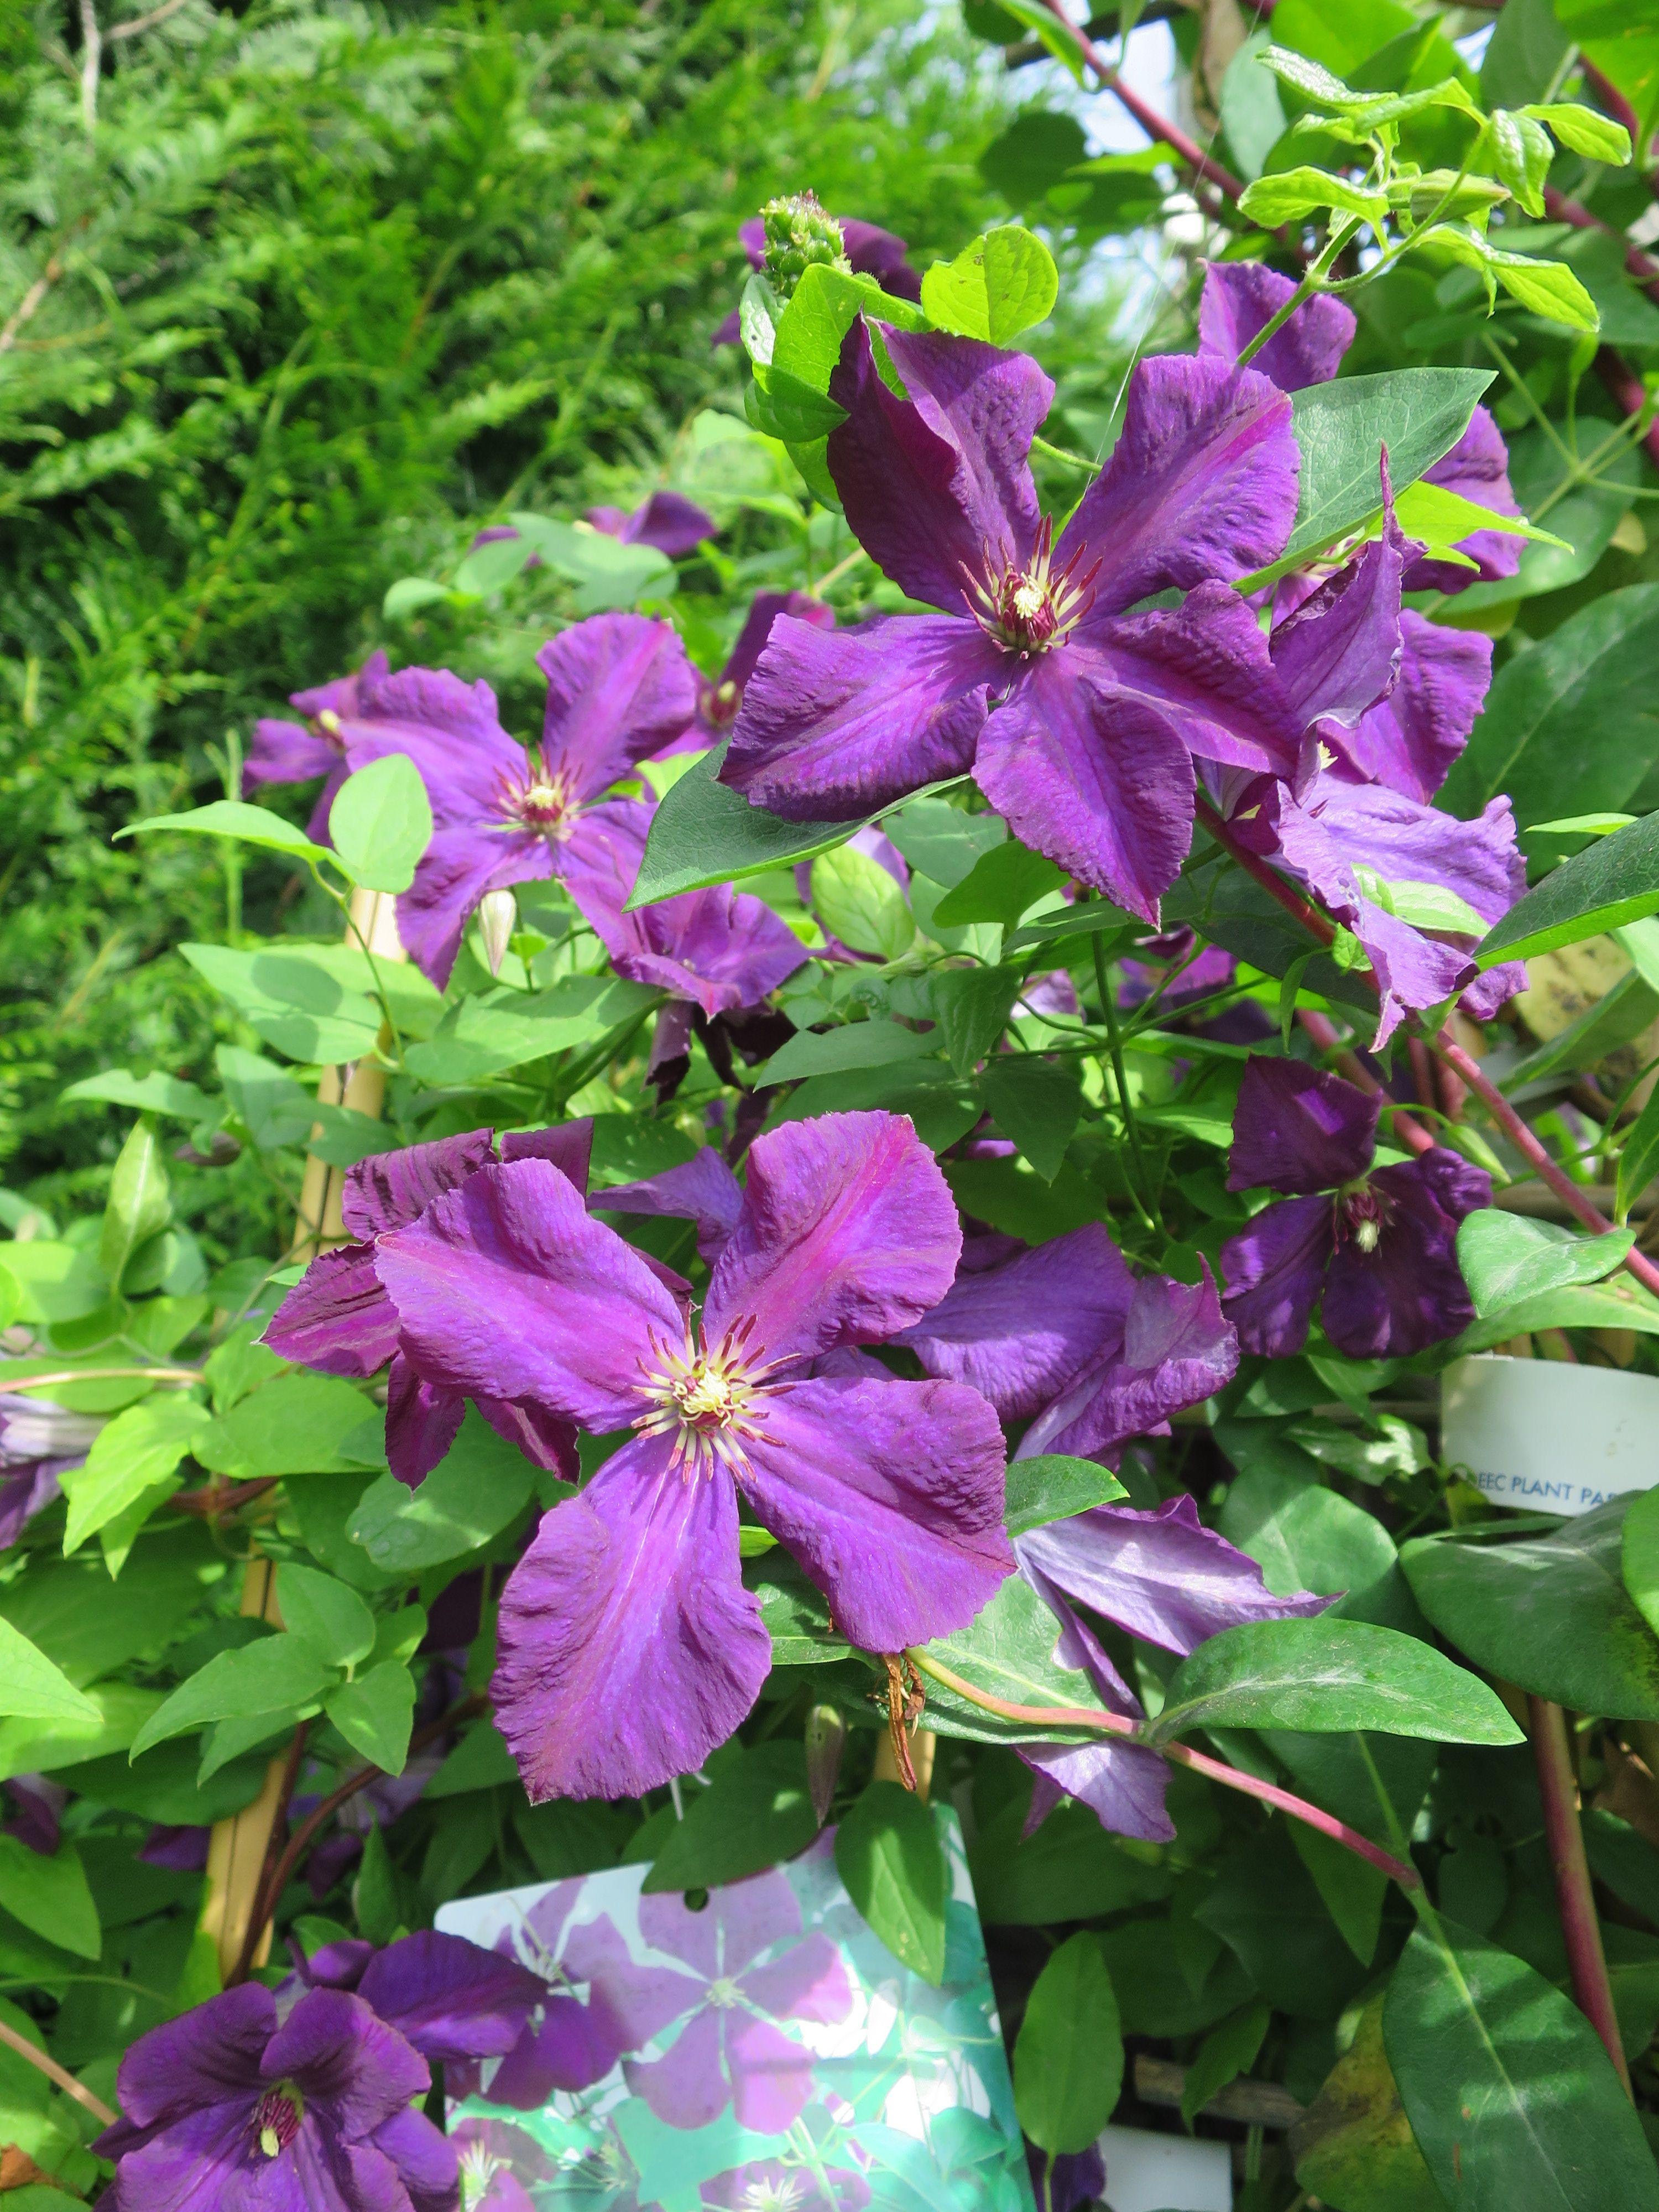 Clematis Etoille Violette Clematis Plants Garden